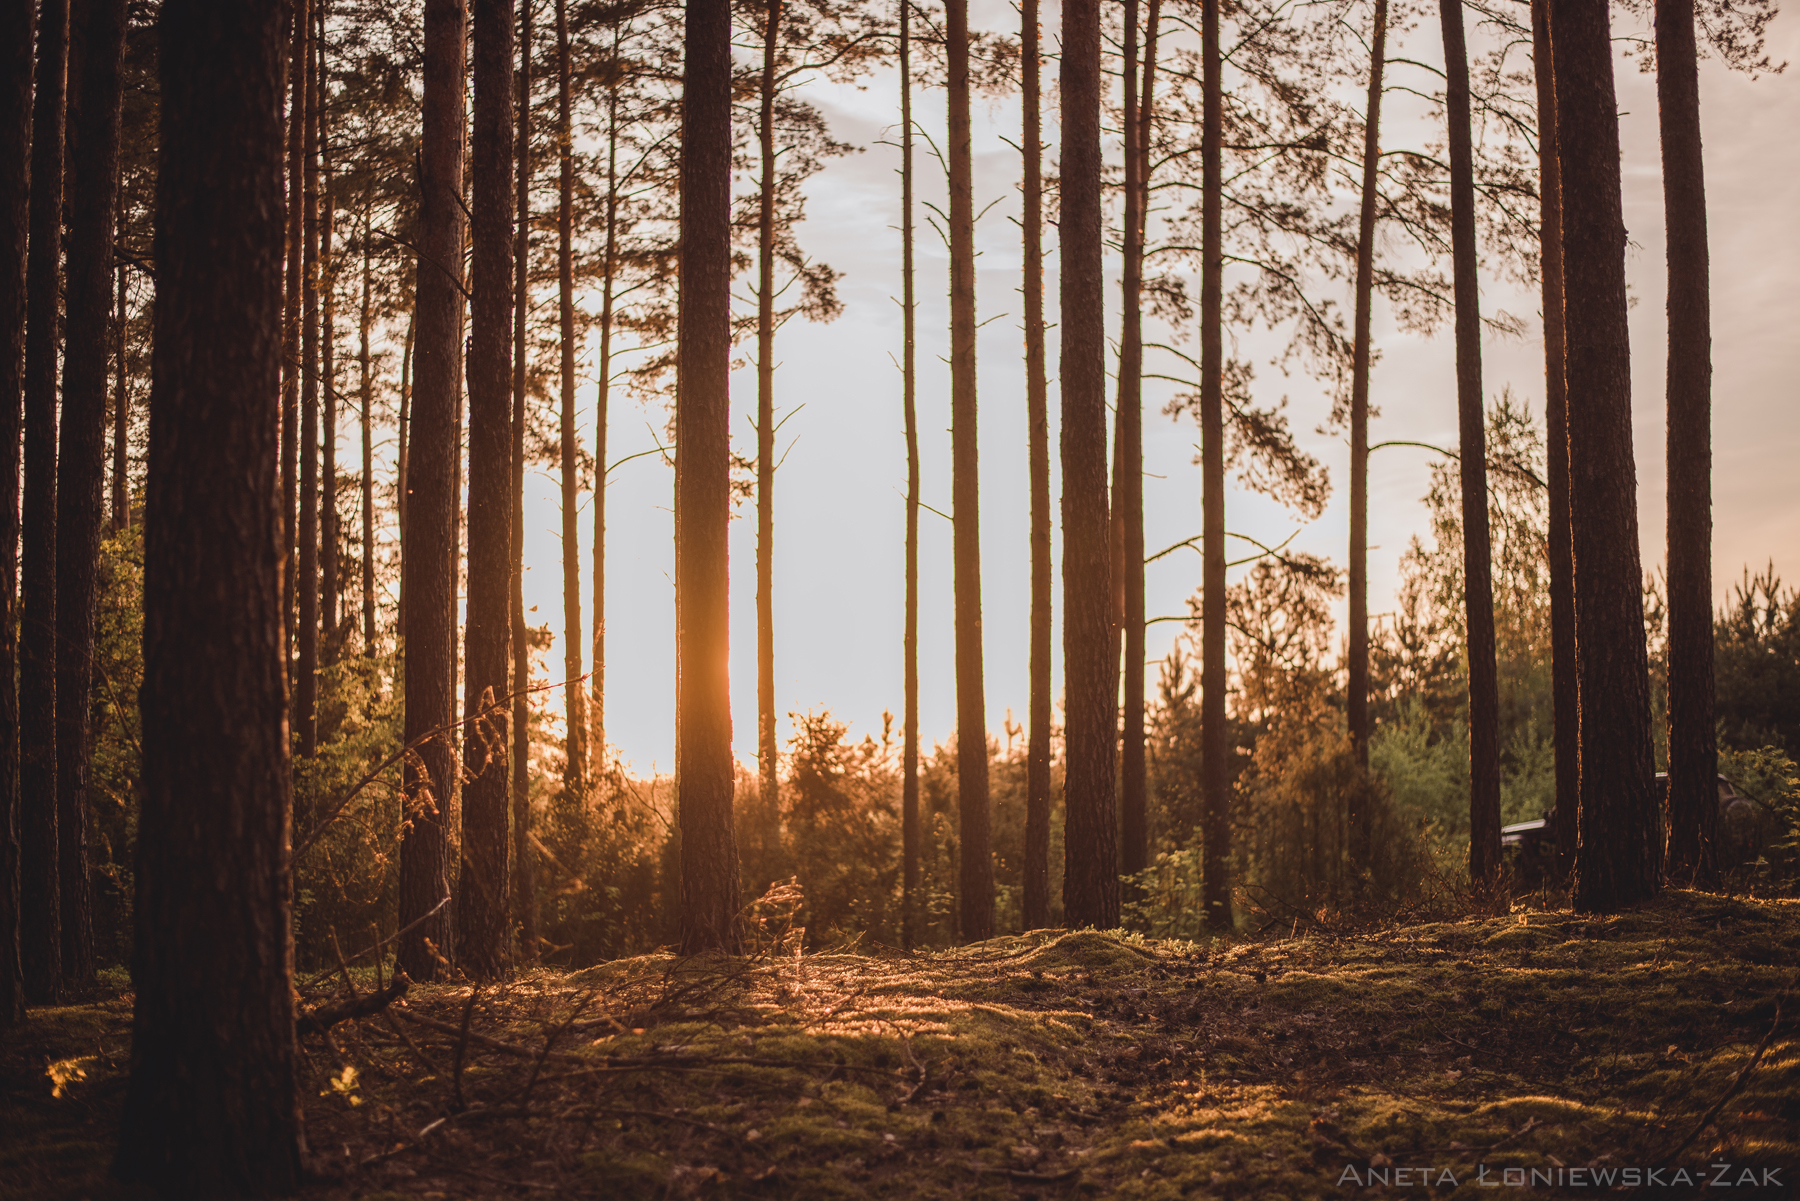 fotografia przyrodnicza, puszcza knyszyńska, las